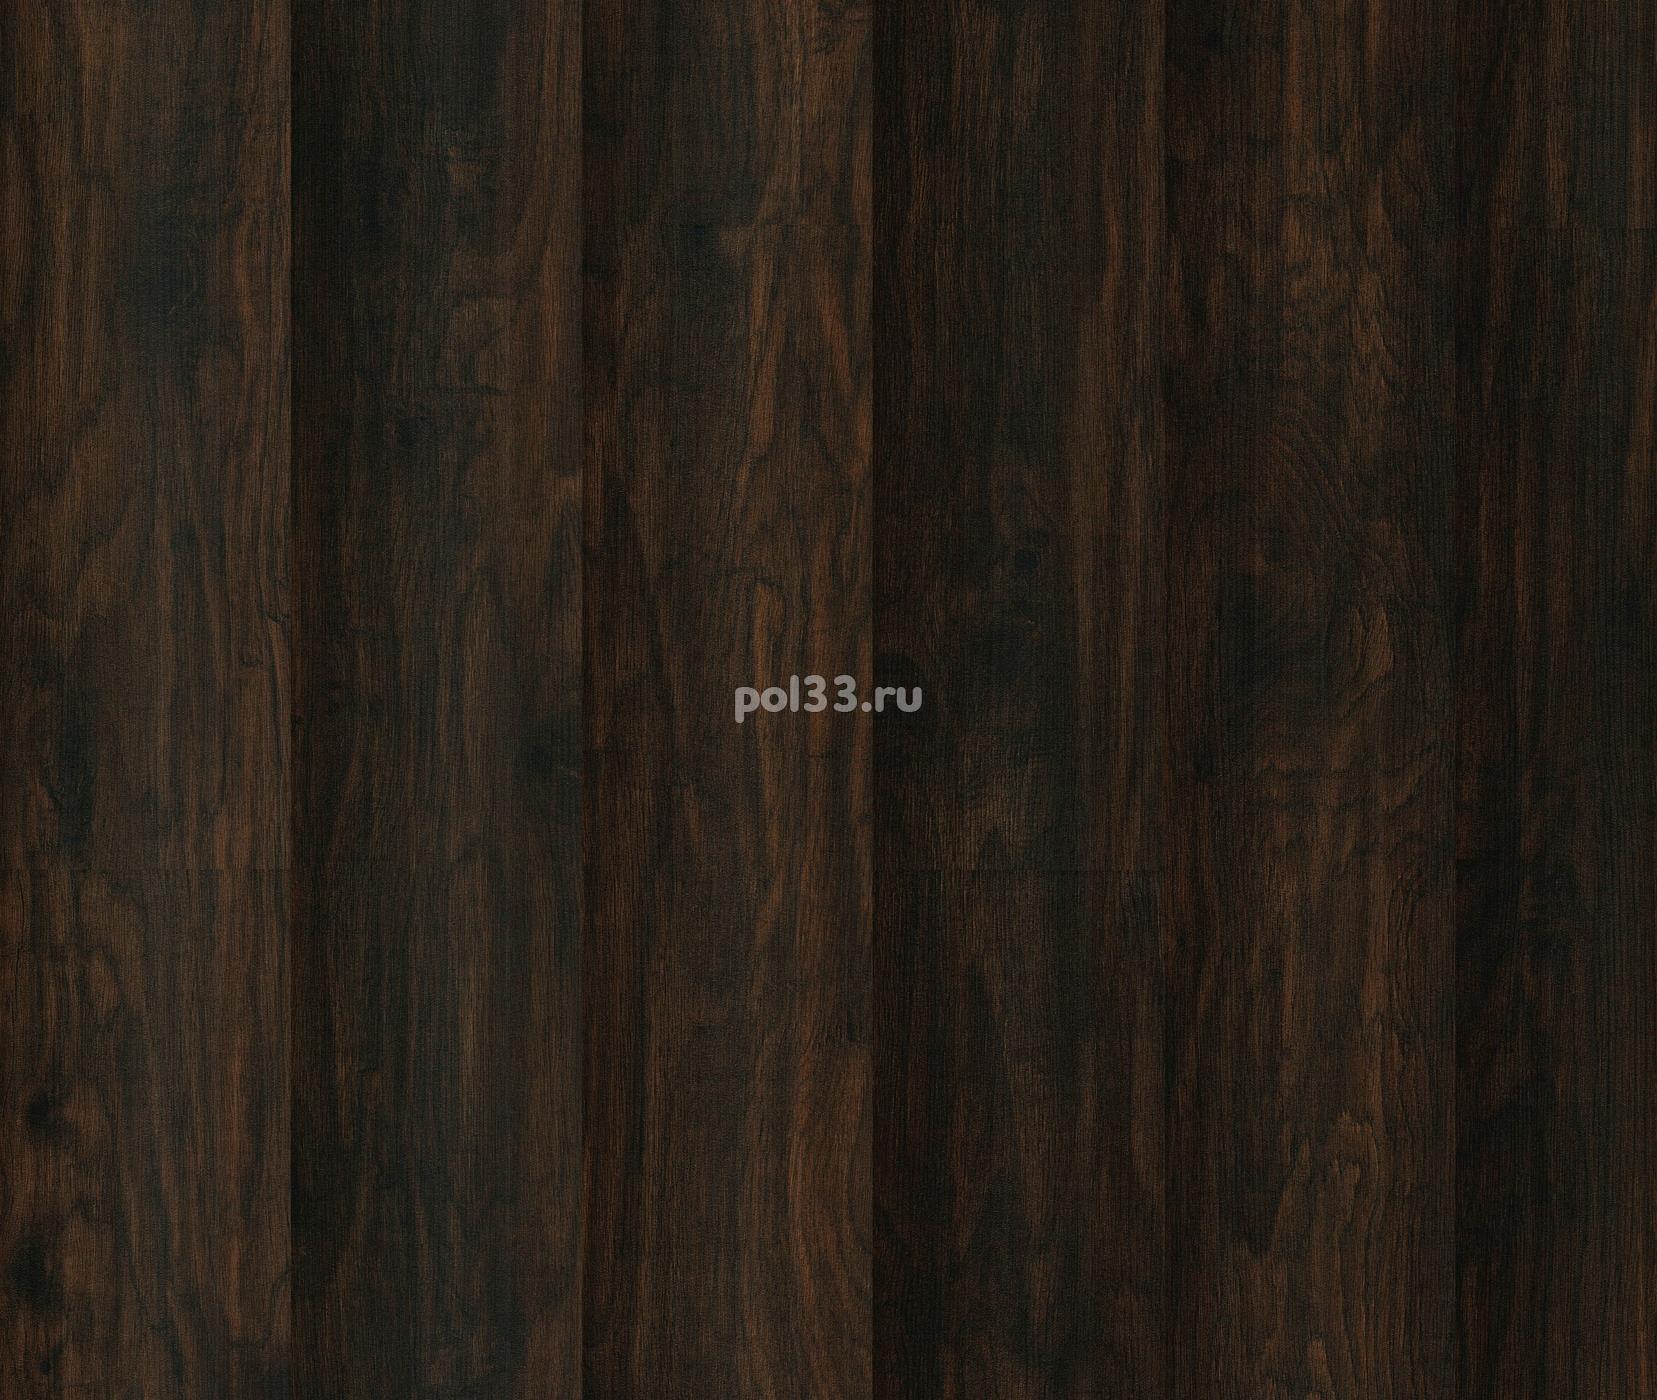 Ламинат Balterio коллекция Vitality Diplomat Дуб Престиж 468 -DK / DIP DK468 купить в Калуге по низкой цене